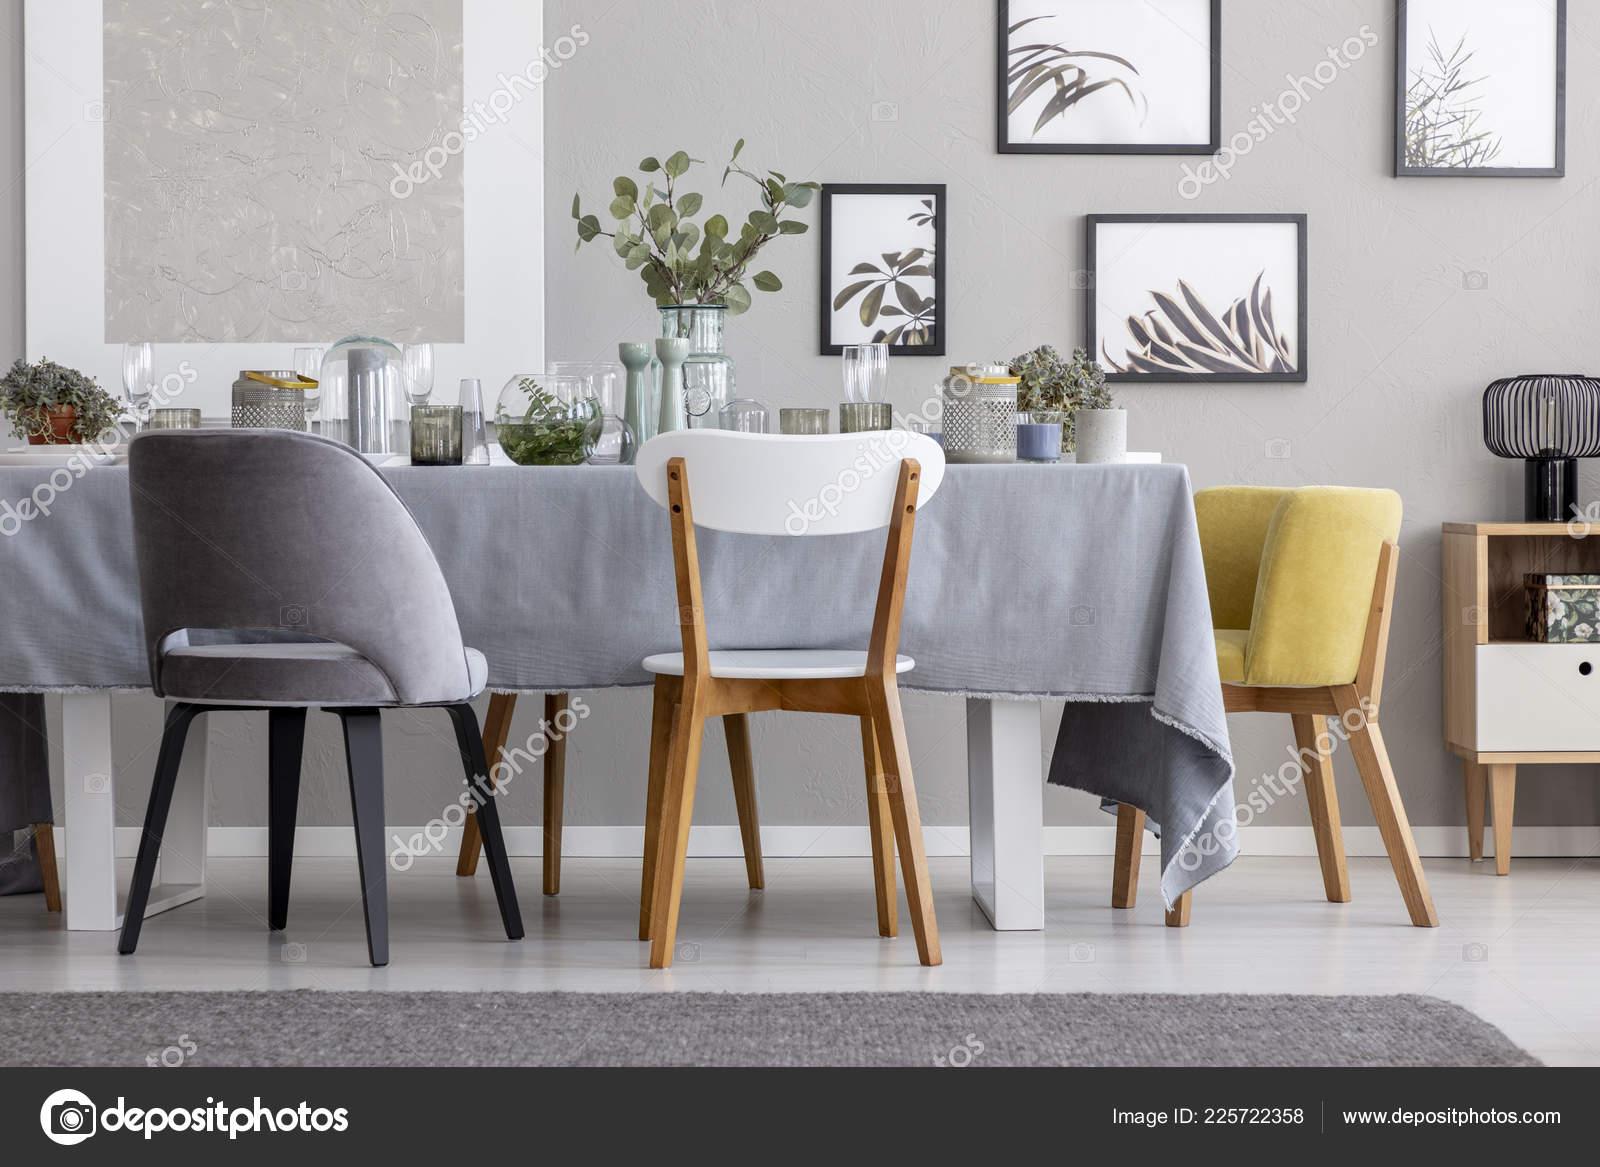 Sedie Per Sala Da Pranzo Moderne.Sedie Moderne Tavolo Con Articoli Tavola Sala Pranzo Grigio